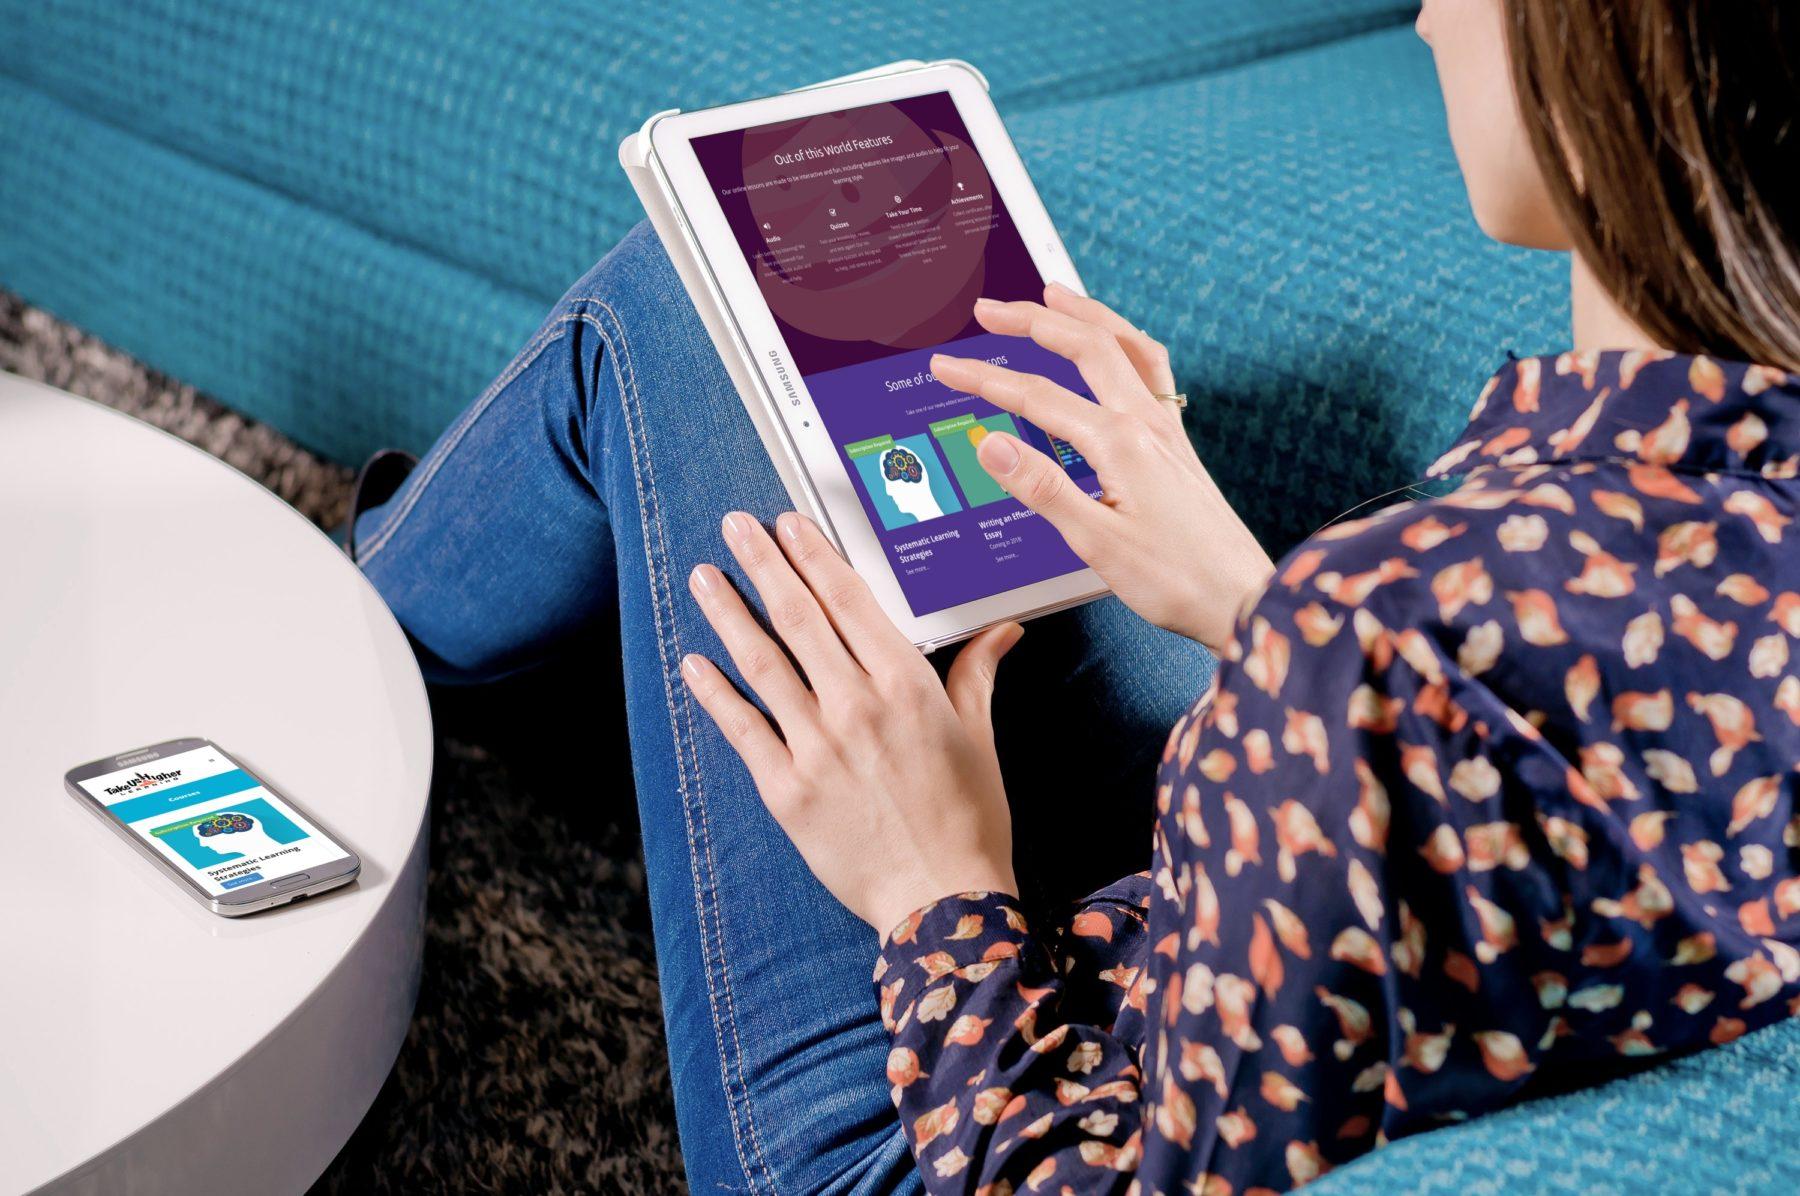 Take Us Higher Online Course Website Design